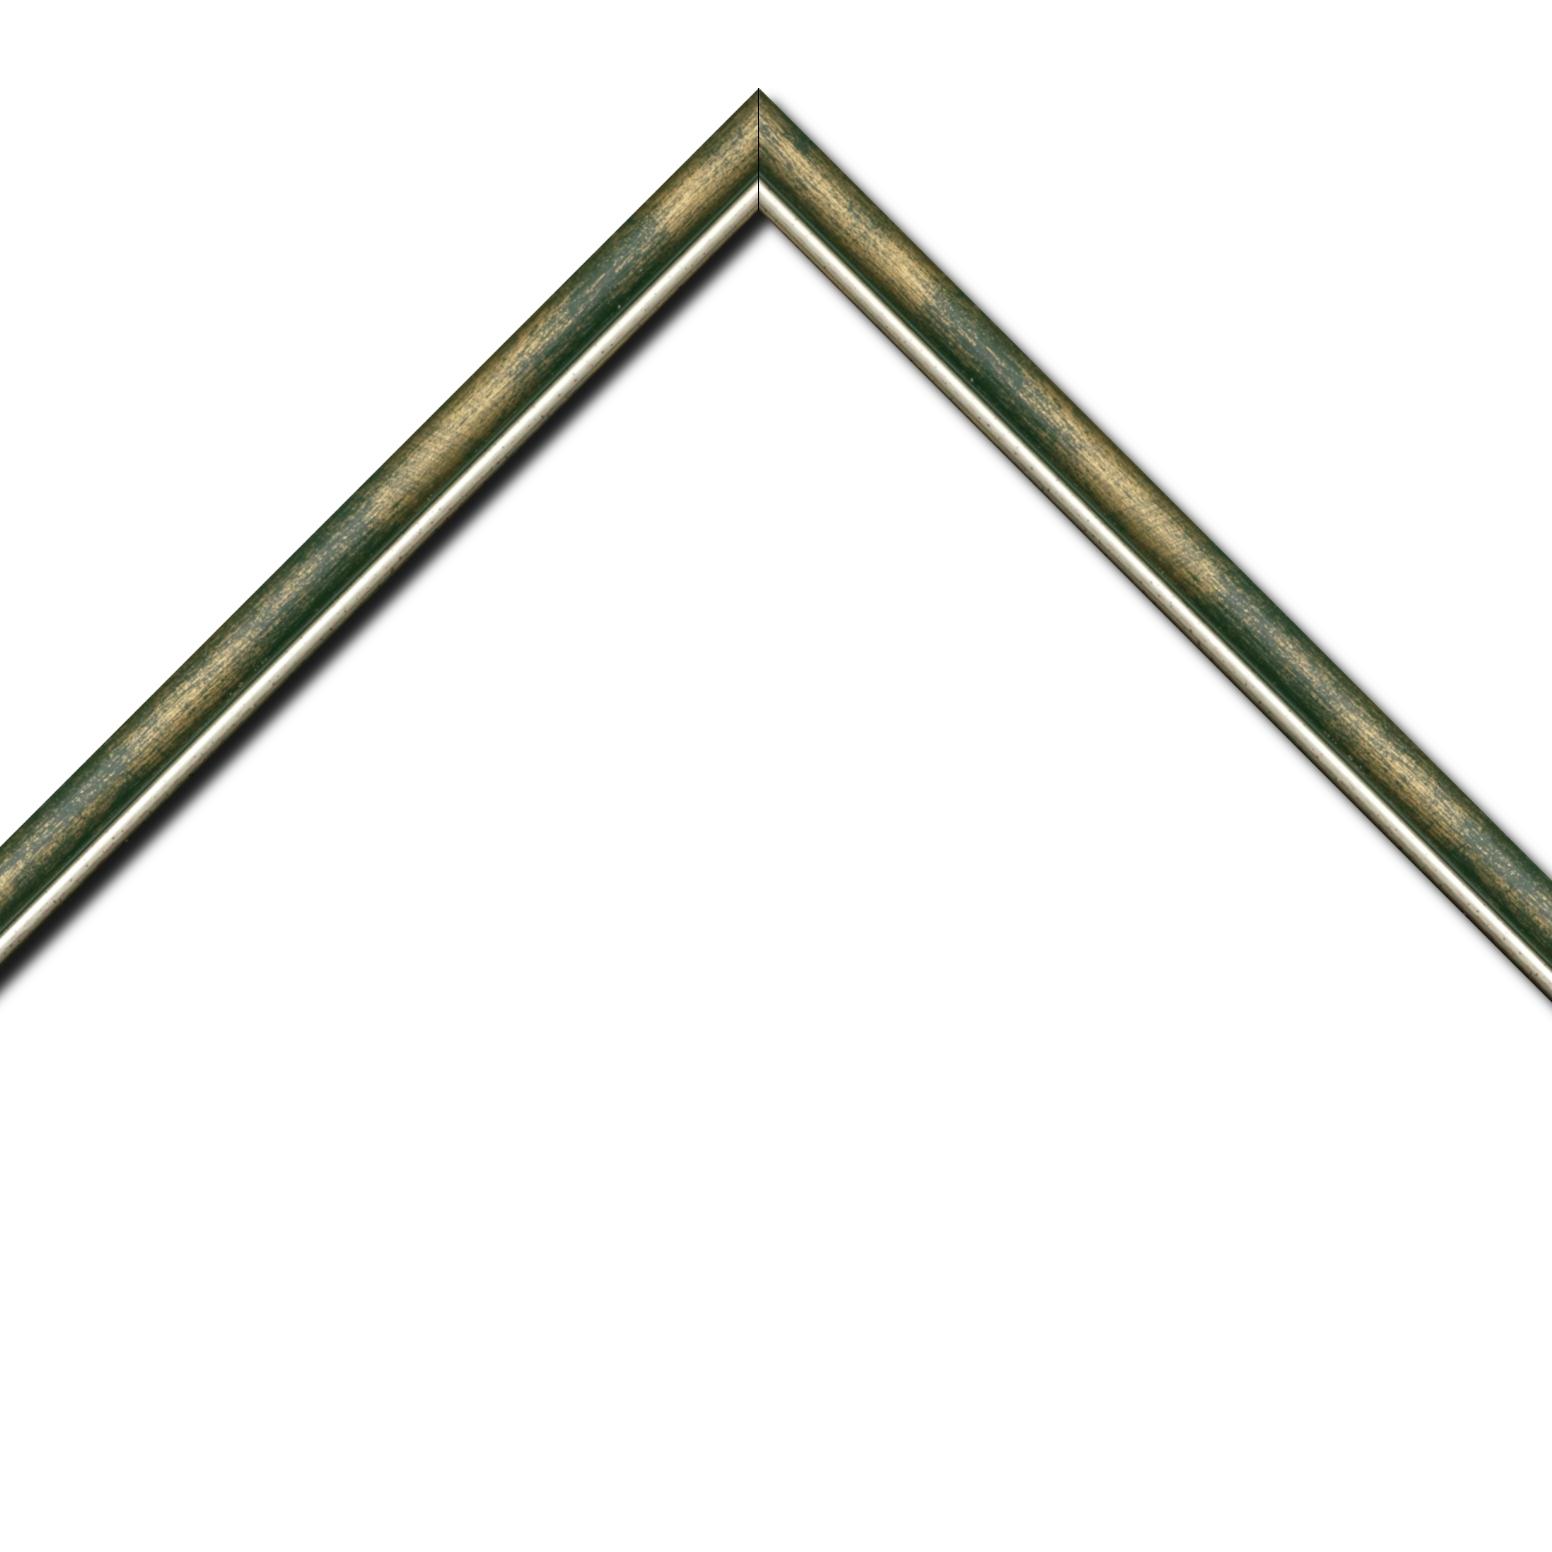 Baguette bois profil arrondi largeur 2.1cm couleur vert fond or filet argent chaud